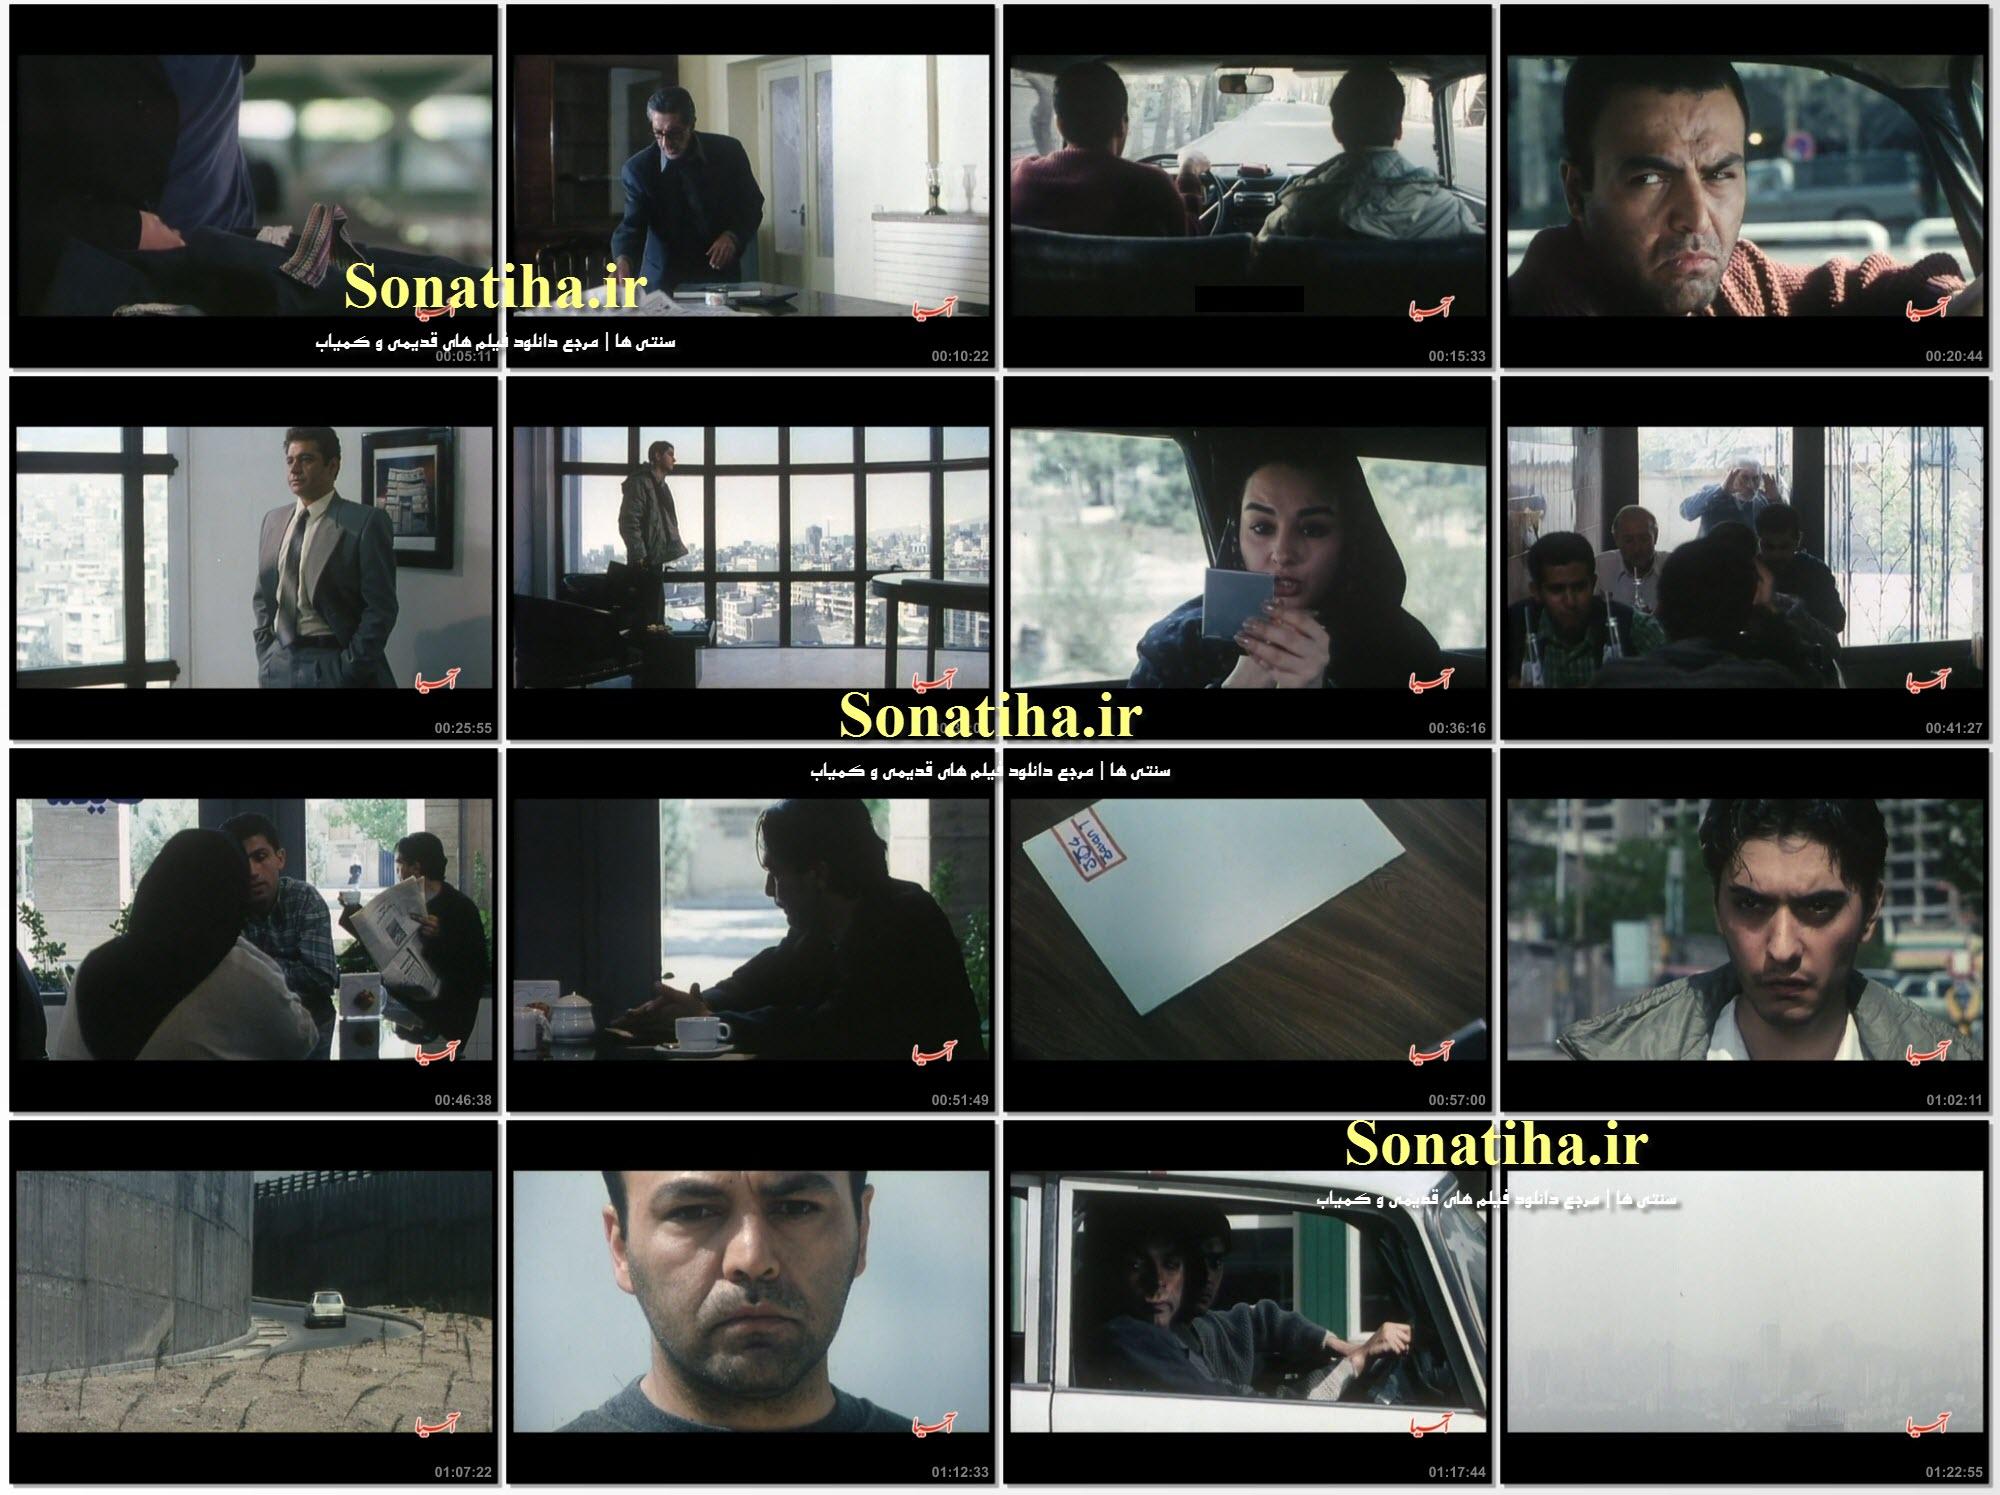 تصاویری از فیلم هفت پرده